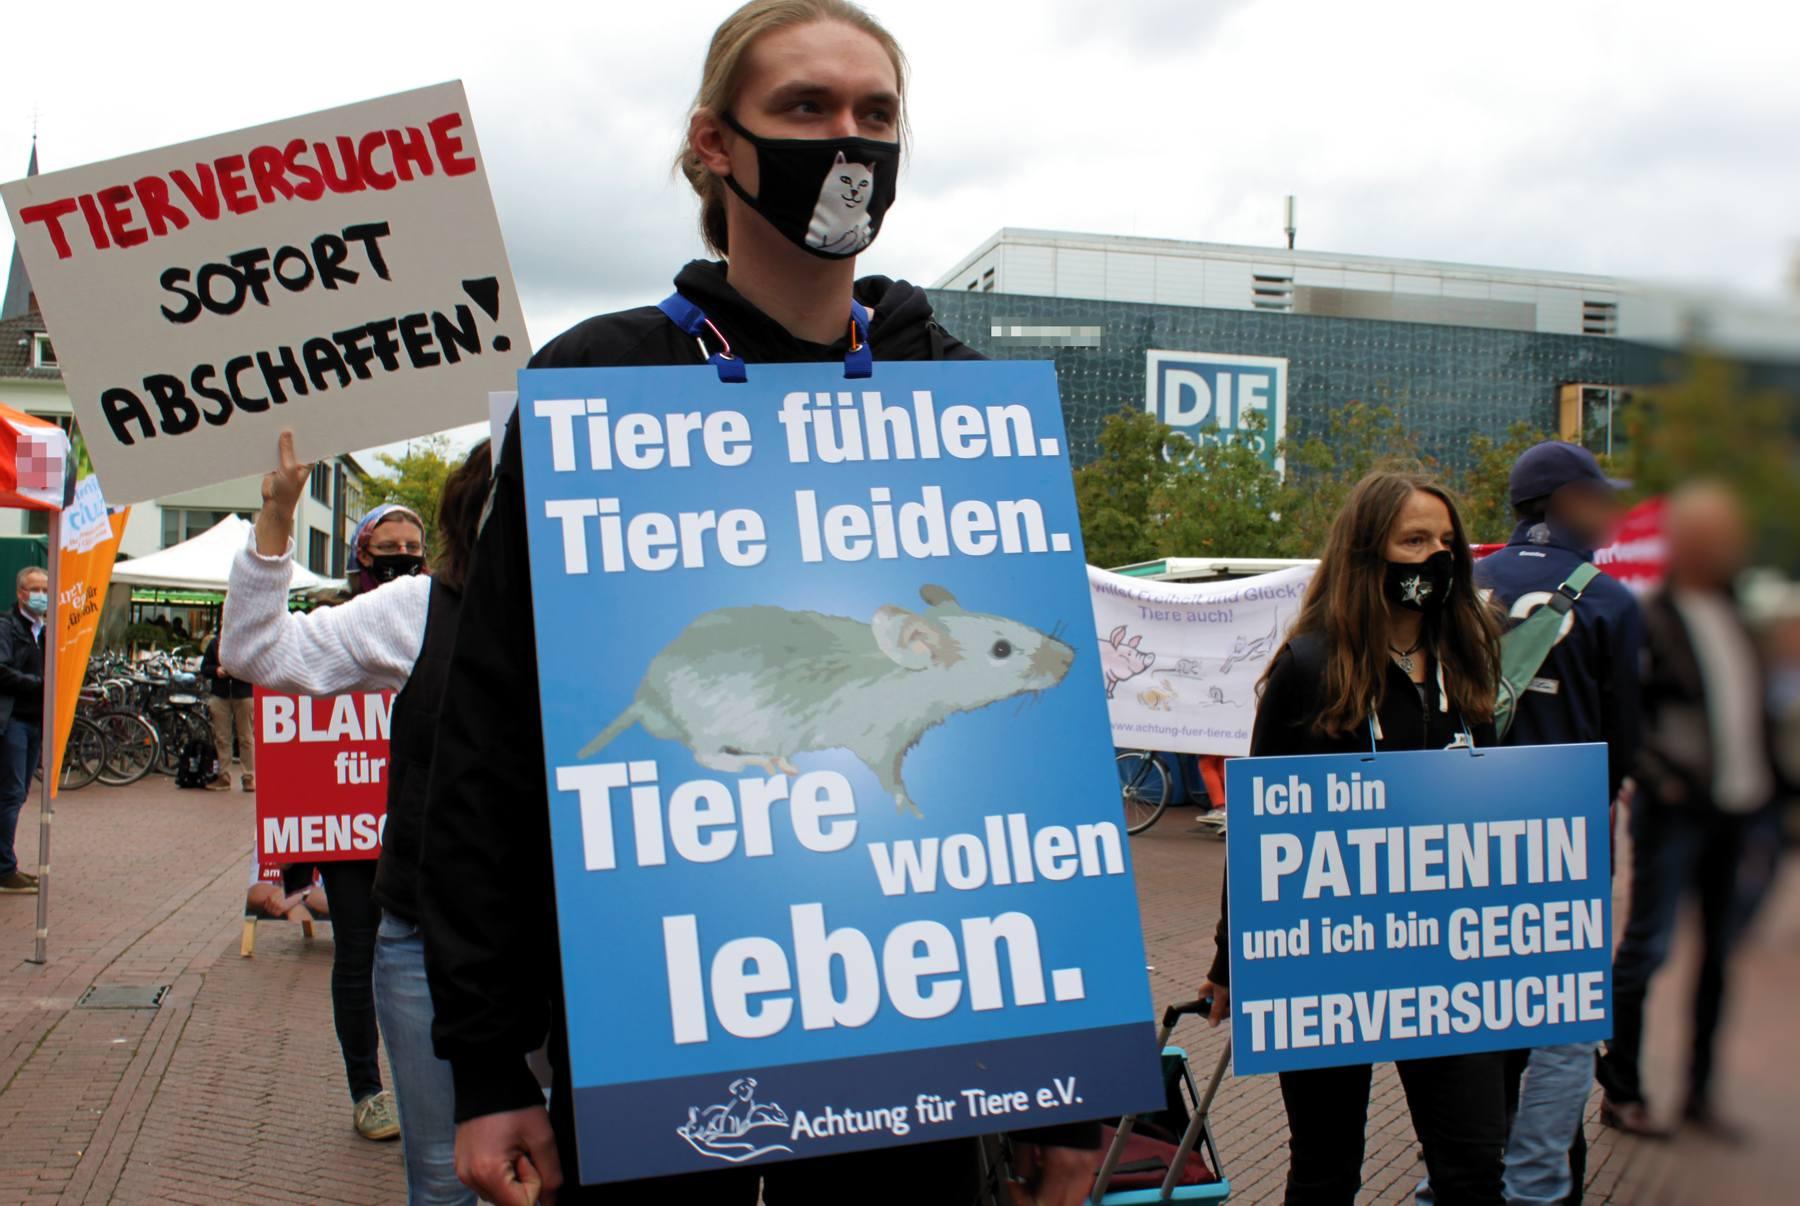 Demomaterial_im_Einsatz_Demo_gegen_Tierversuche